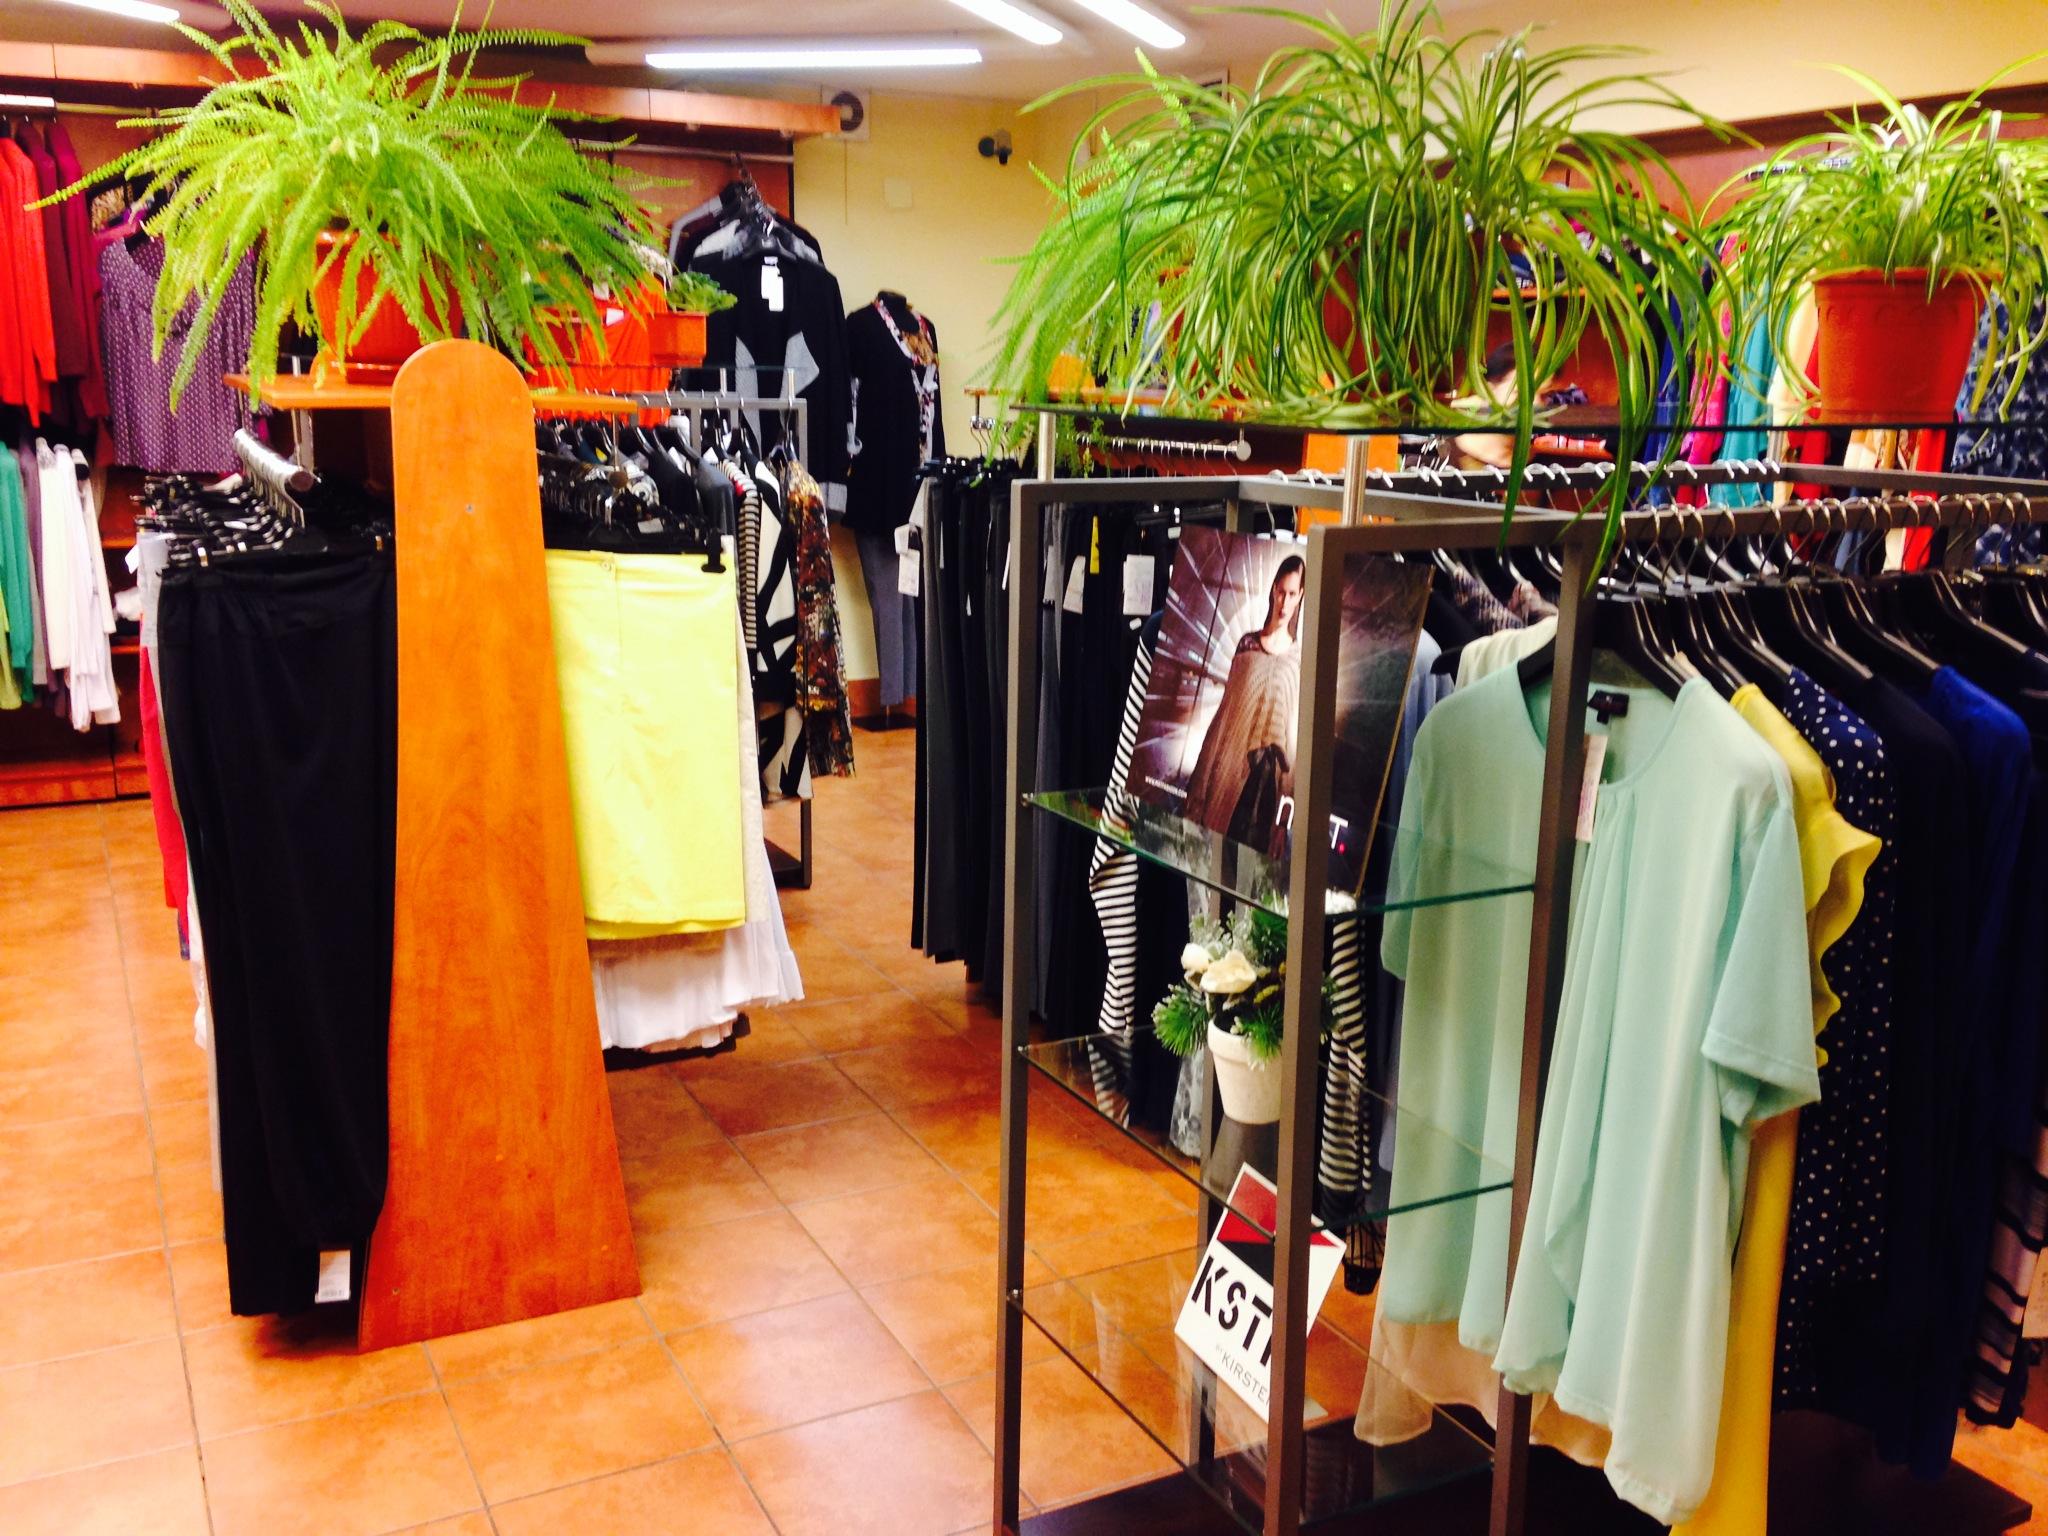 cec1e61002fe Магазины представлены в Москве и Екатеринбурге. Фирма имеет сайт, где вы  можете заказать одежду большого размера через интернет в удобное время дня  и ночи и ...